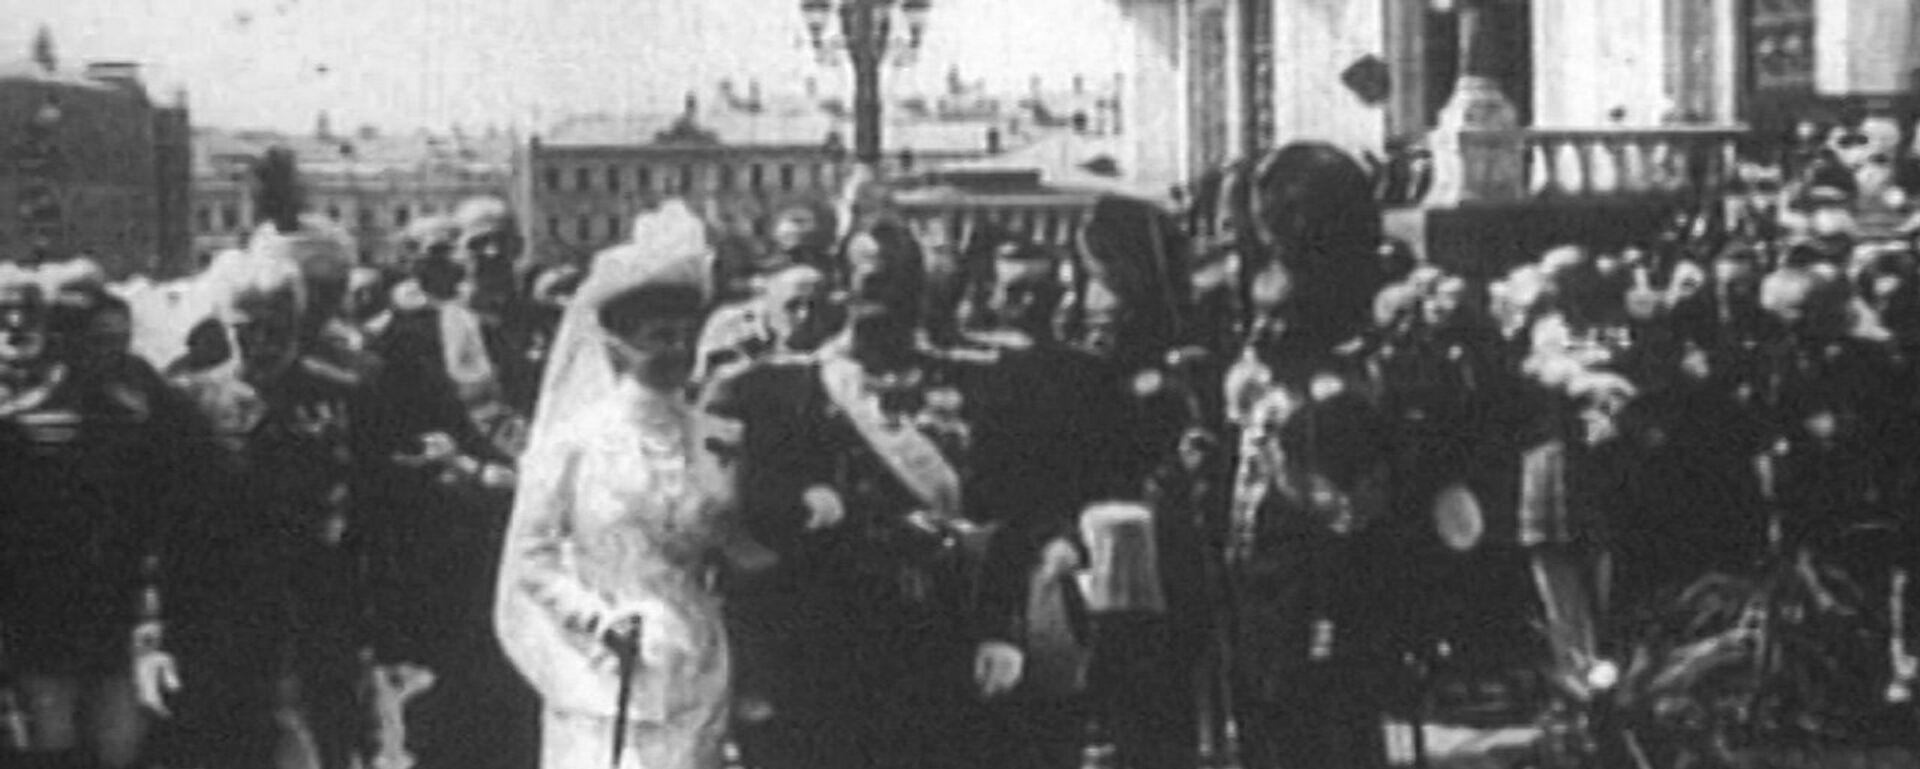 Жизнь и смерть последнего русского царя Николая II. Кадры из архива - Sputnik Таджикистан, 1920, 16.07.2015